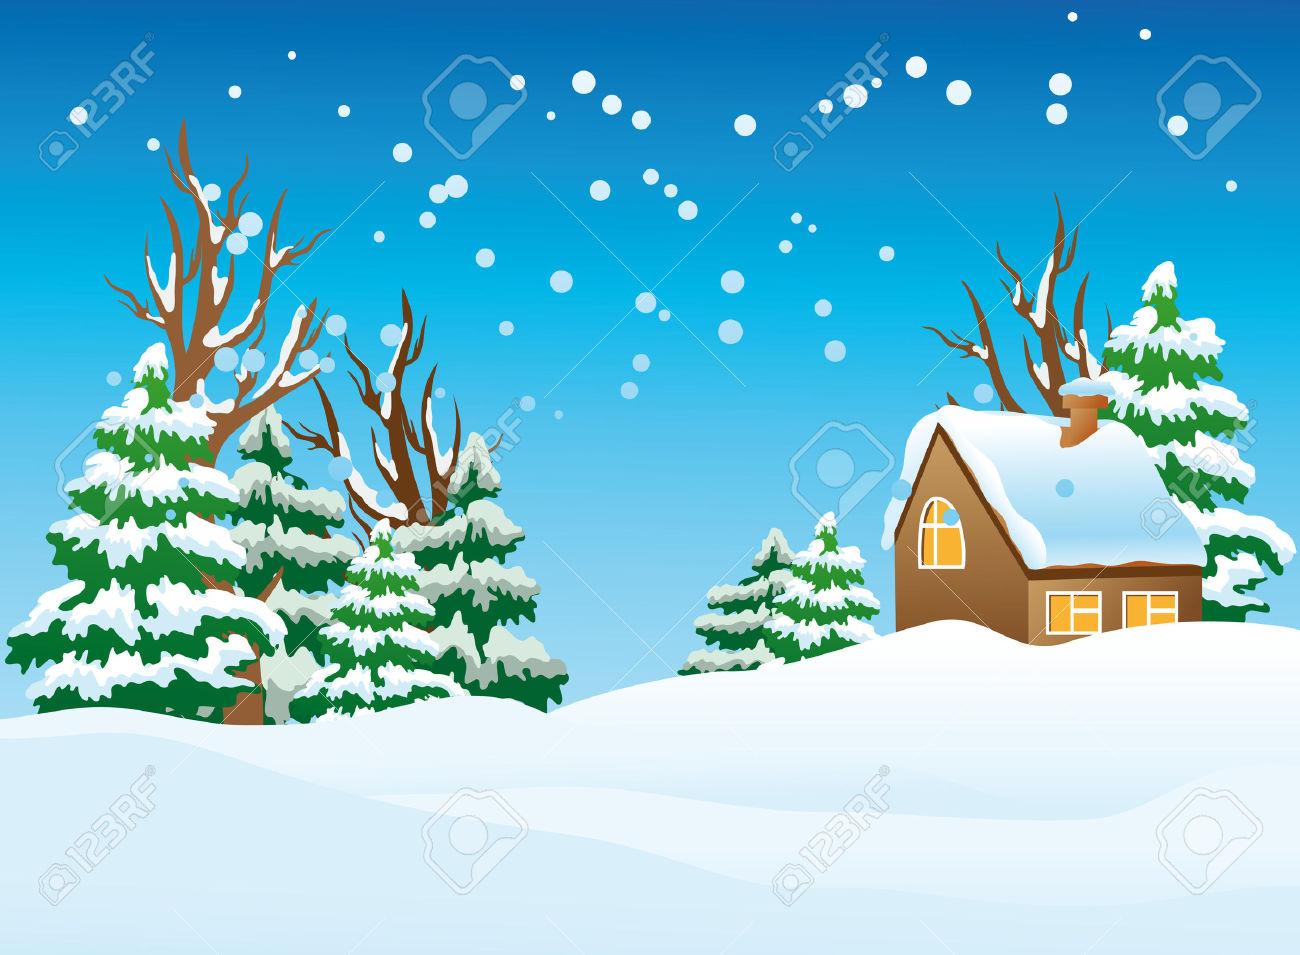 christmas landscape clipart #13